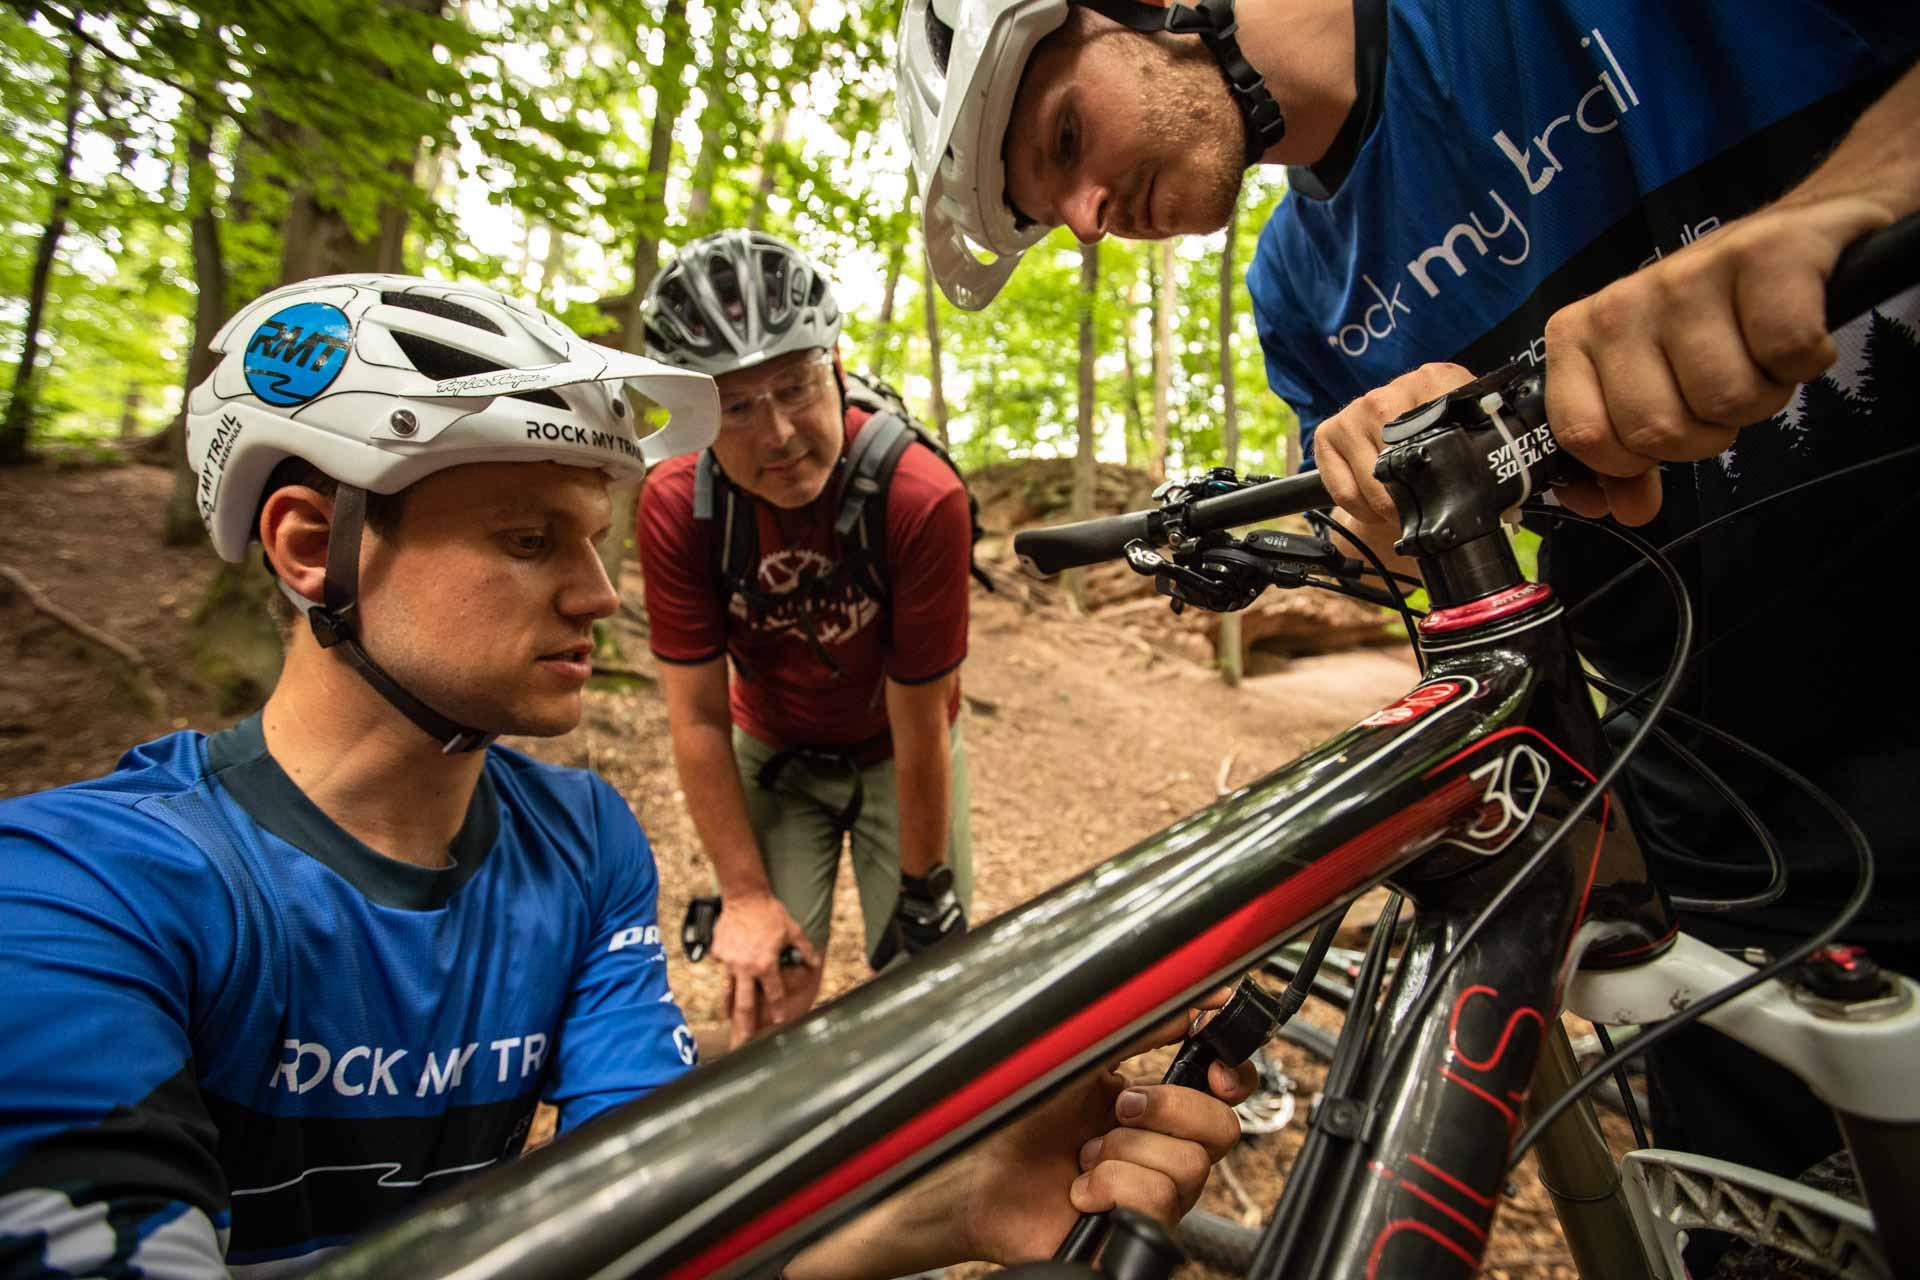 MTB Fahrtechnik Kurs für Einsteiger in Siegburg   Bonn - Mountainbike Basic - Rock my Trail Bikeschule - 14